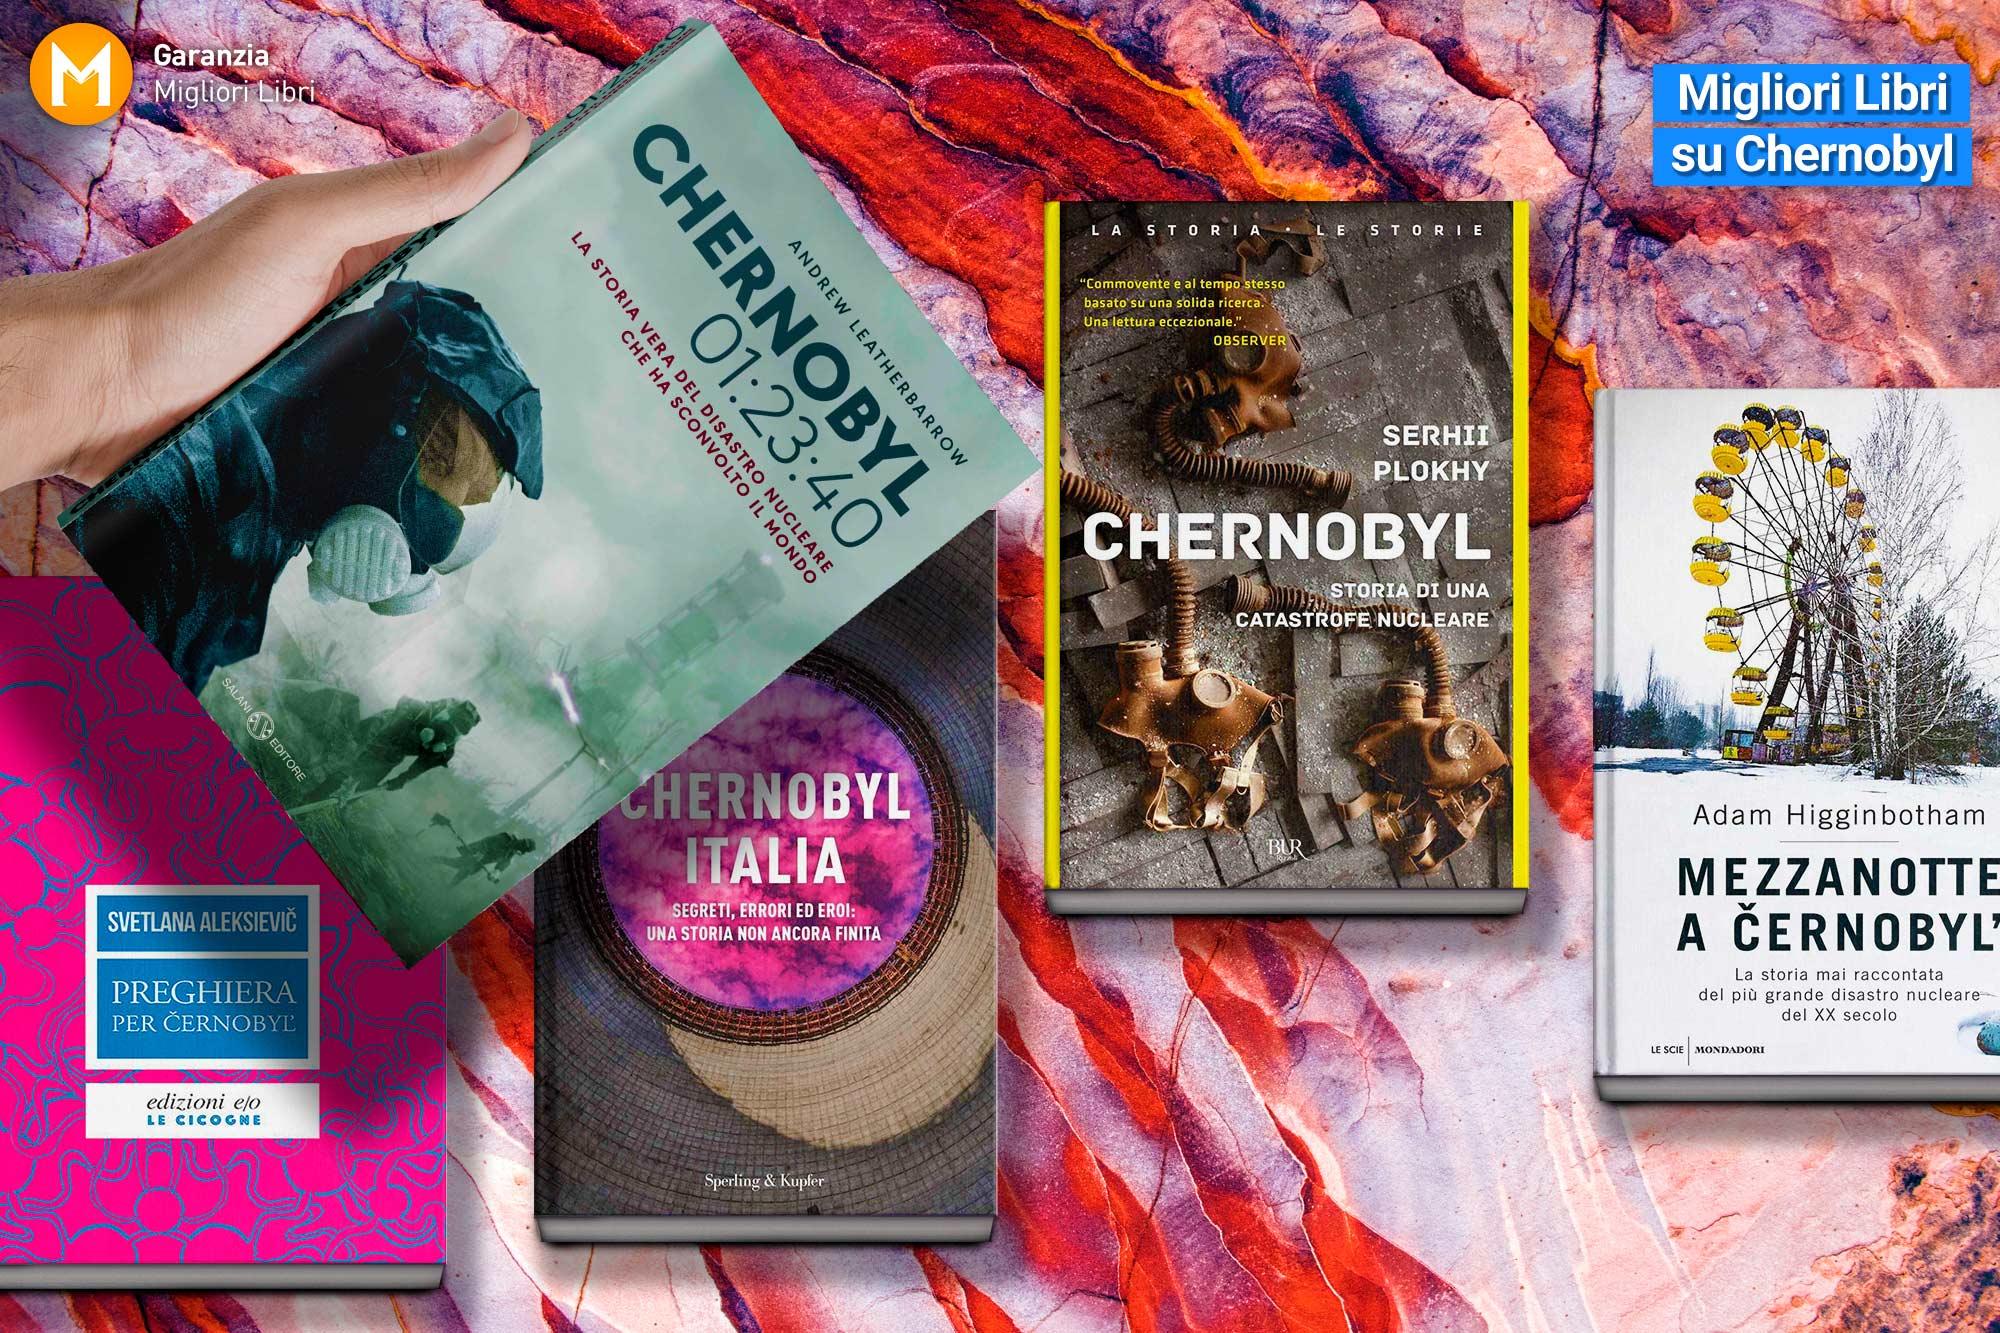 migliori-libri-su-chernobyl